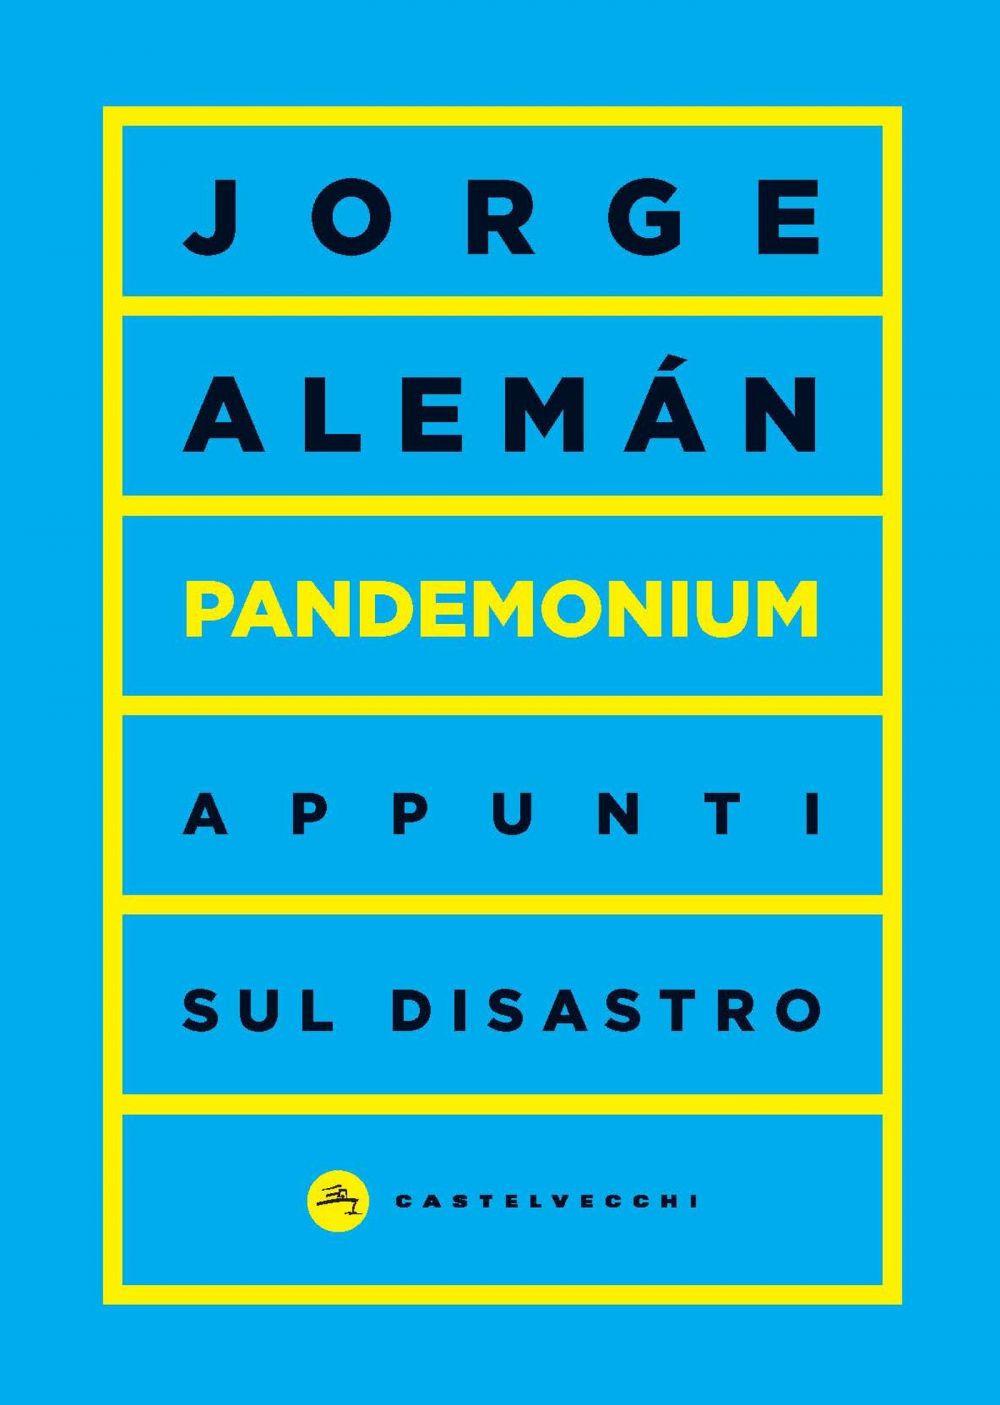 PANDEMONIUM - Alemán Jorge - 9788832902655